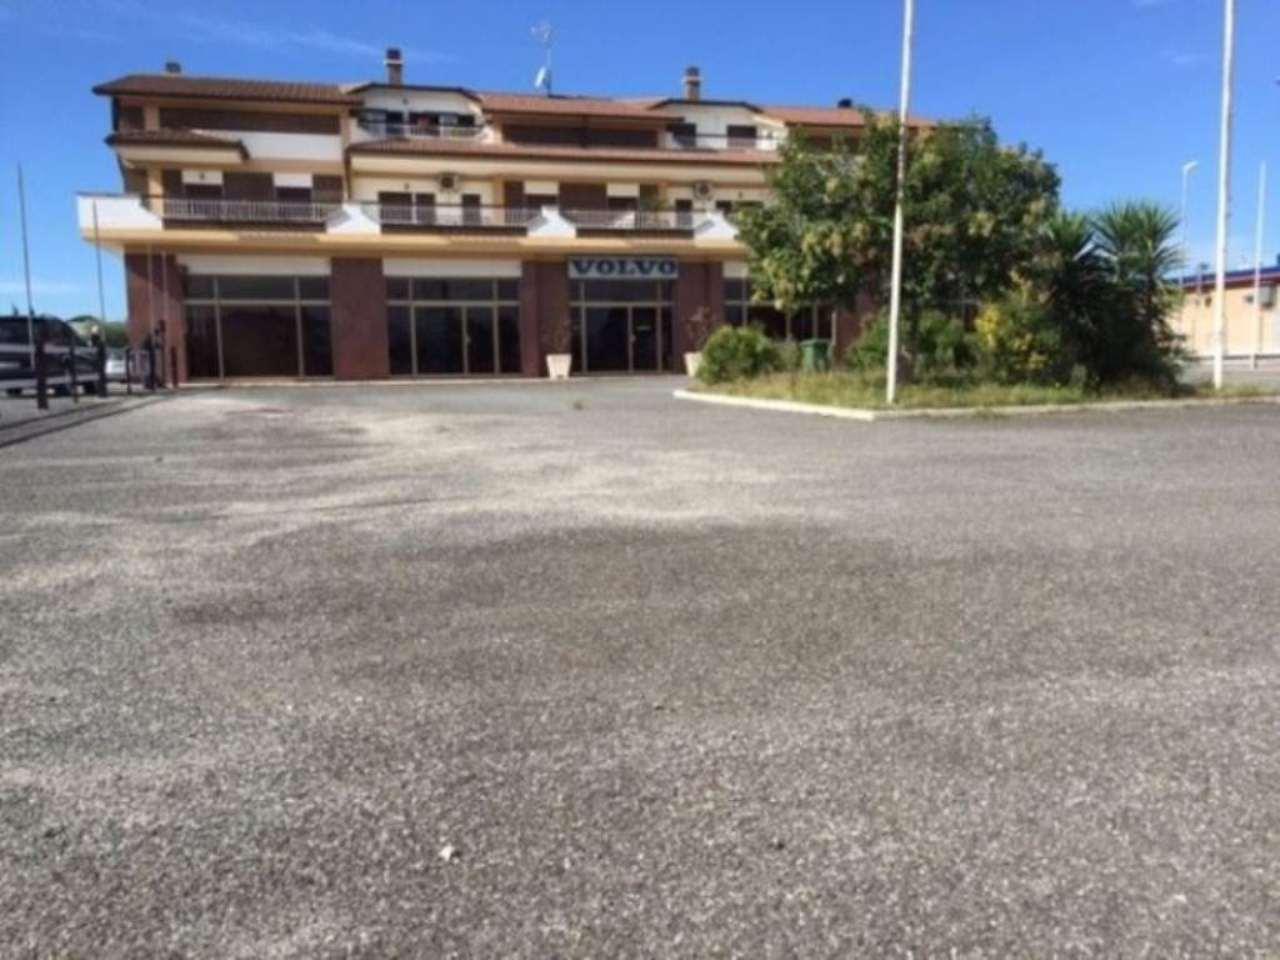 Negozio / Locale in affitto a Fiano Romano, 9999 locali, prezzo € 7.500 | Cambio Casa.it